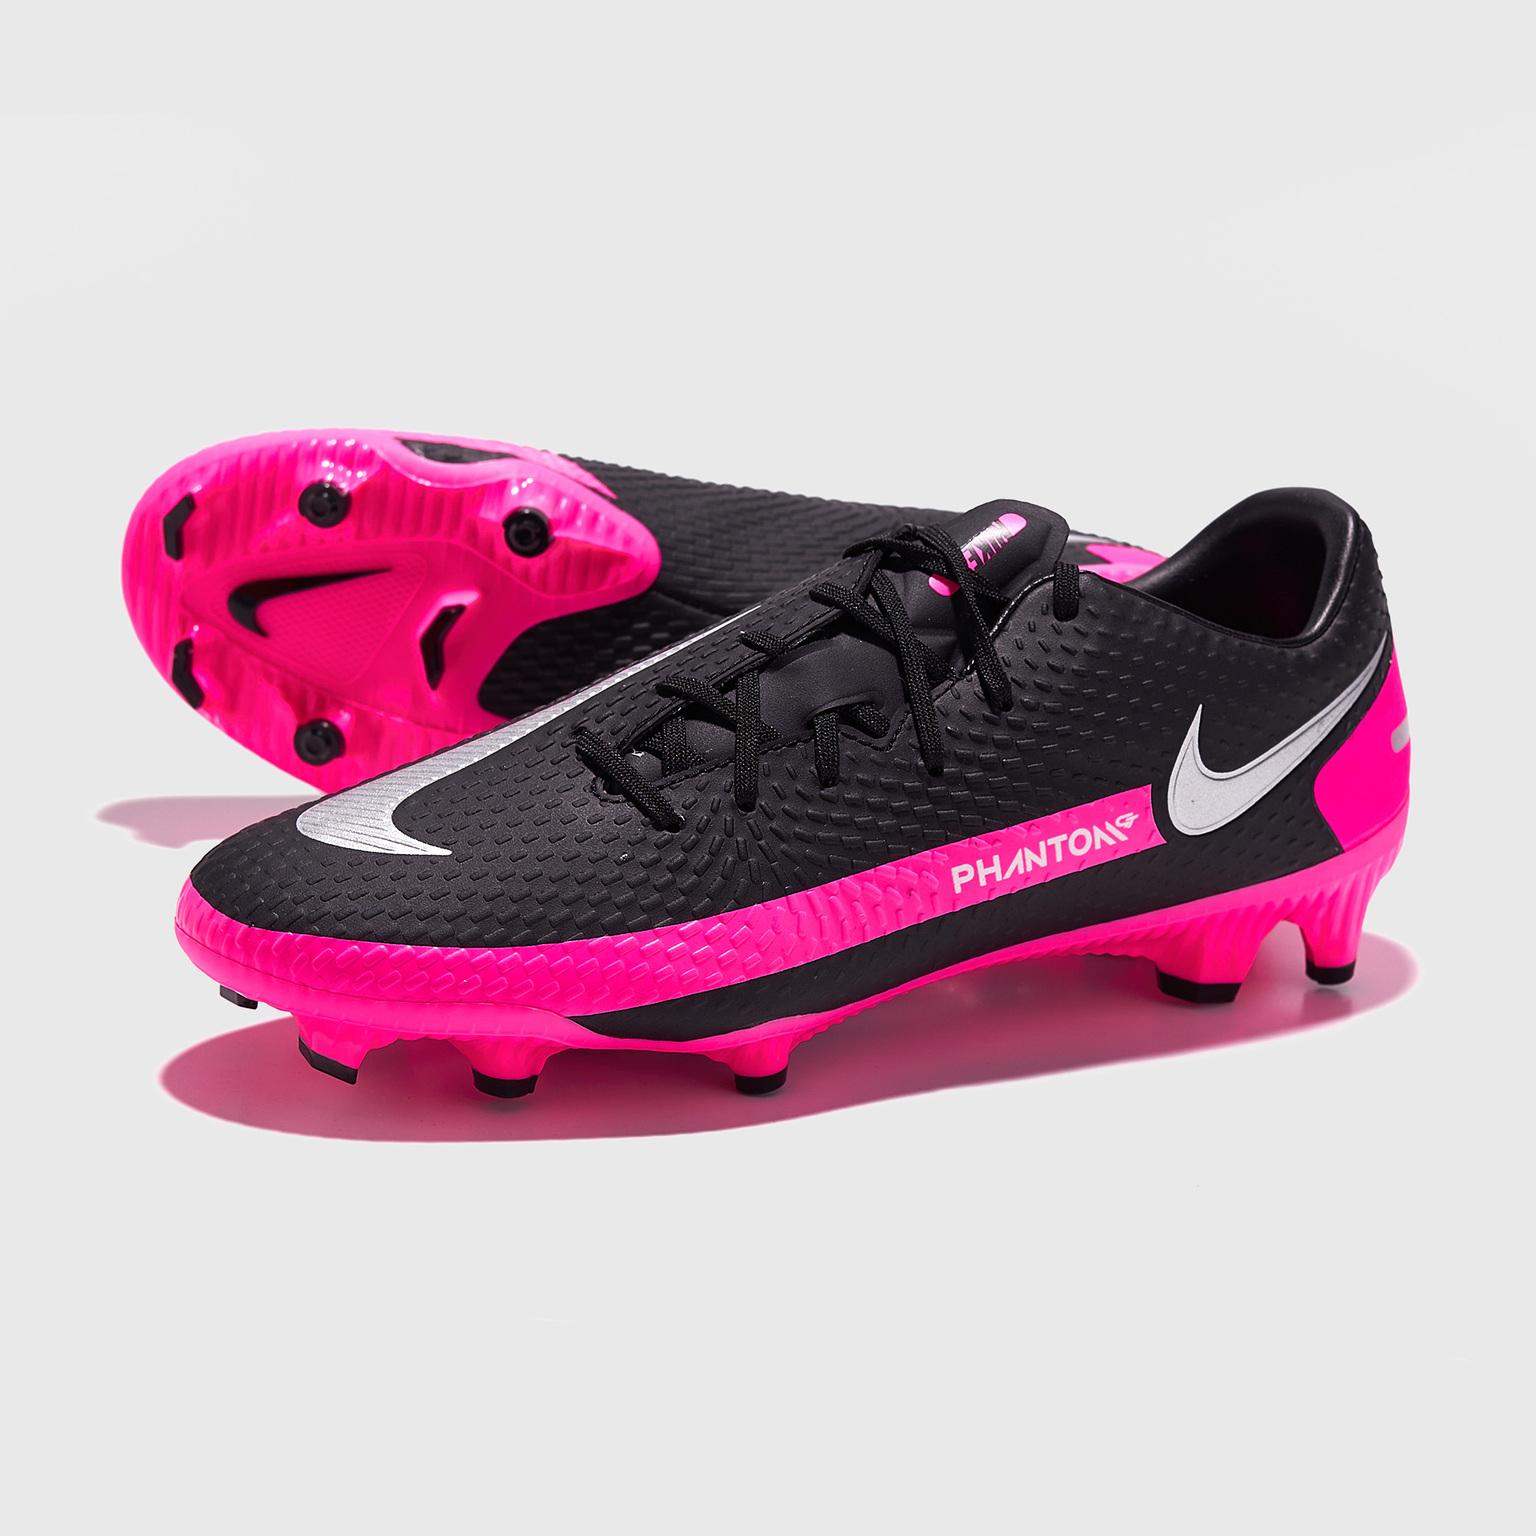 Бутсы Nike Phantom GT Academy FG/MG CK8460-006 бутсы nike phantom venom academy fg ao0566 810